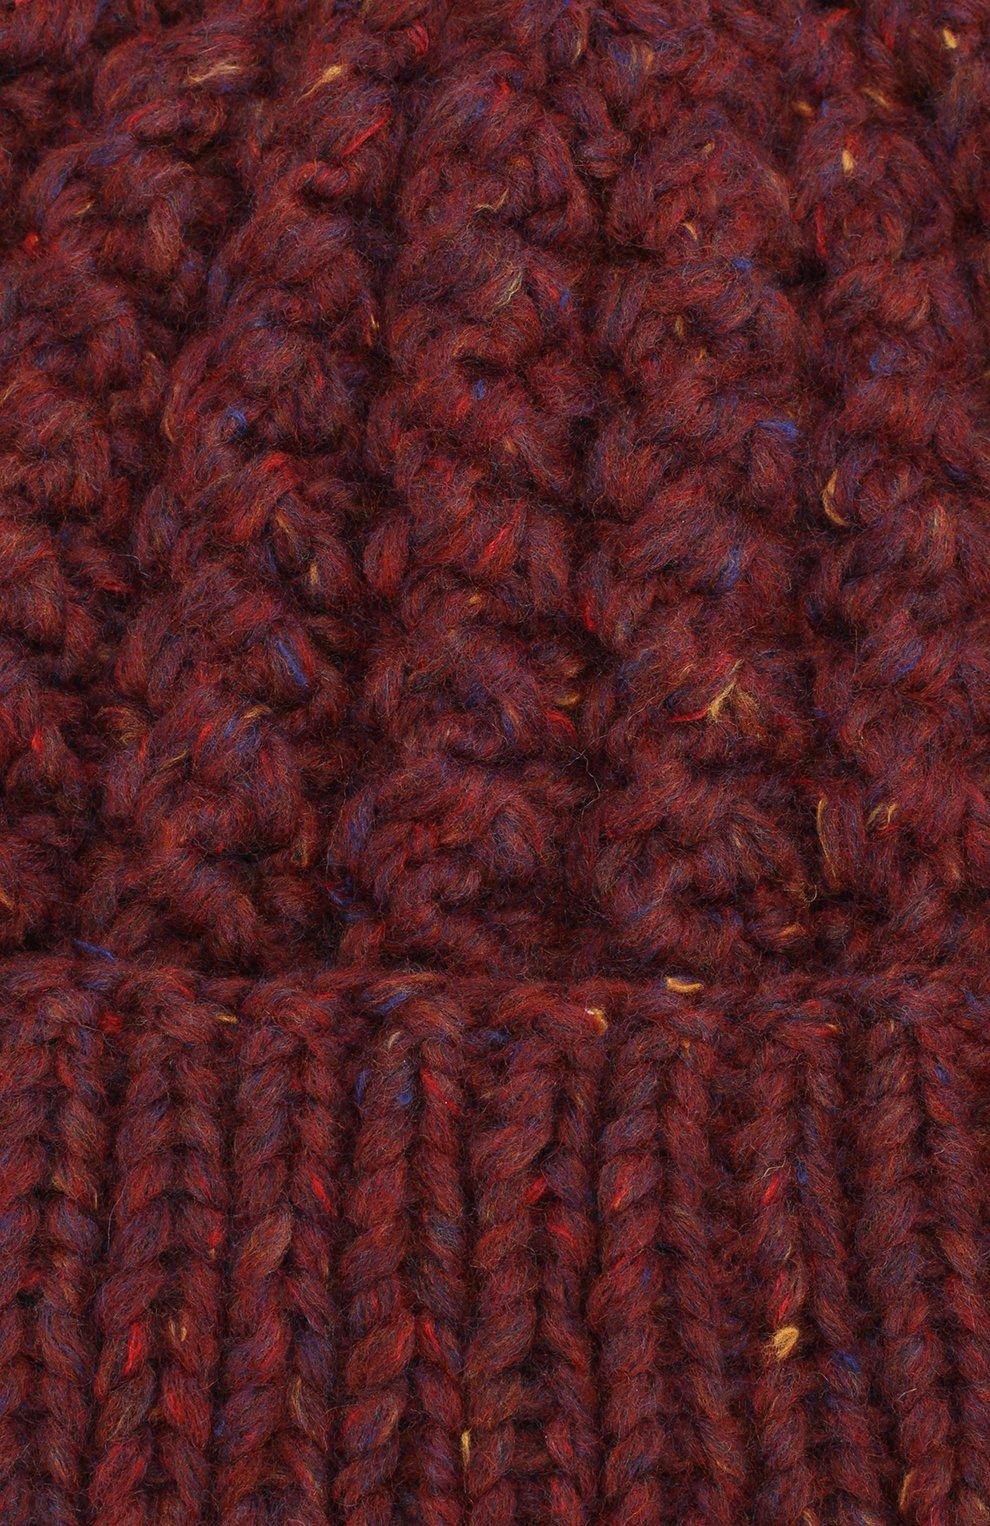 Шапка из смеси шерсти и кашемира фактурной вязки Karakoram accessories бордового цвета | Фото №3